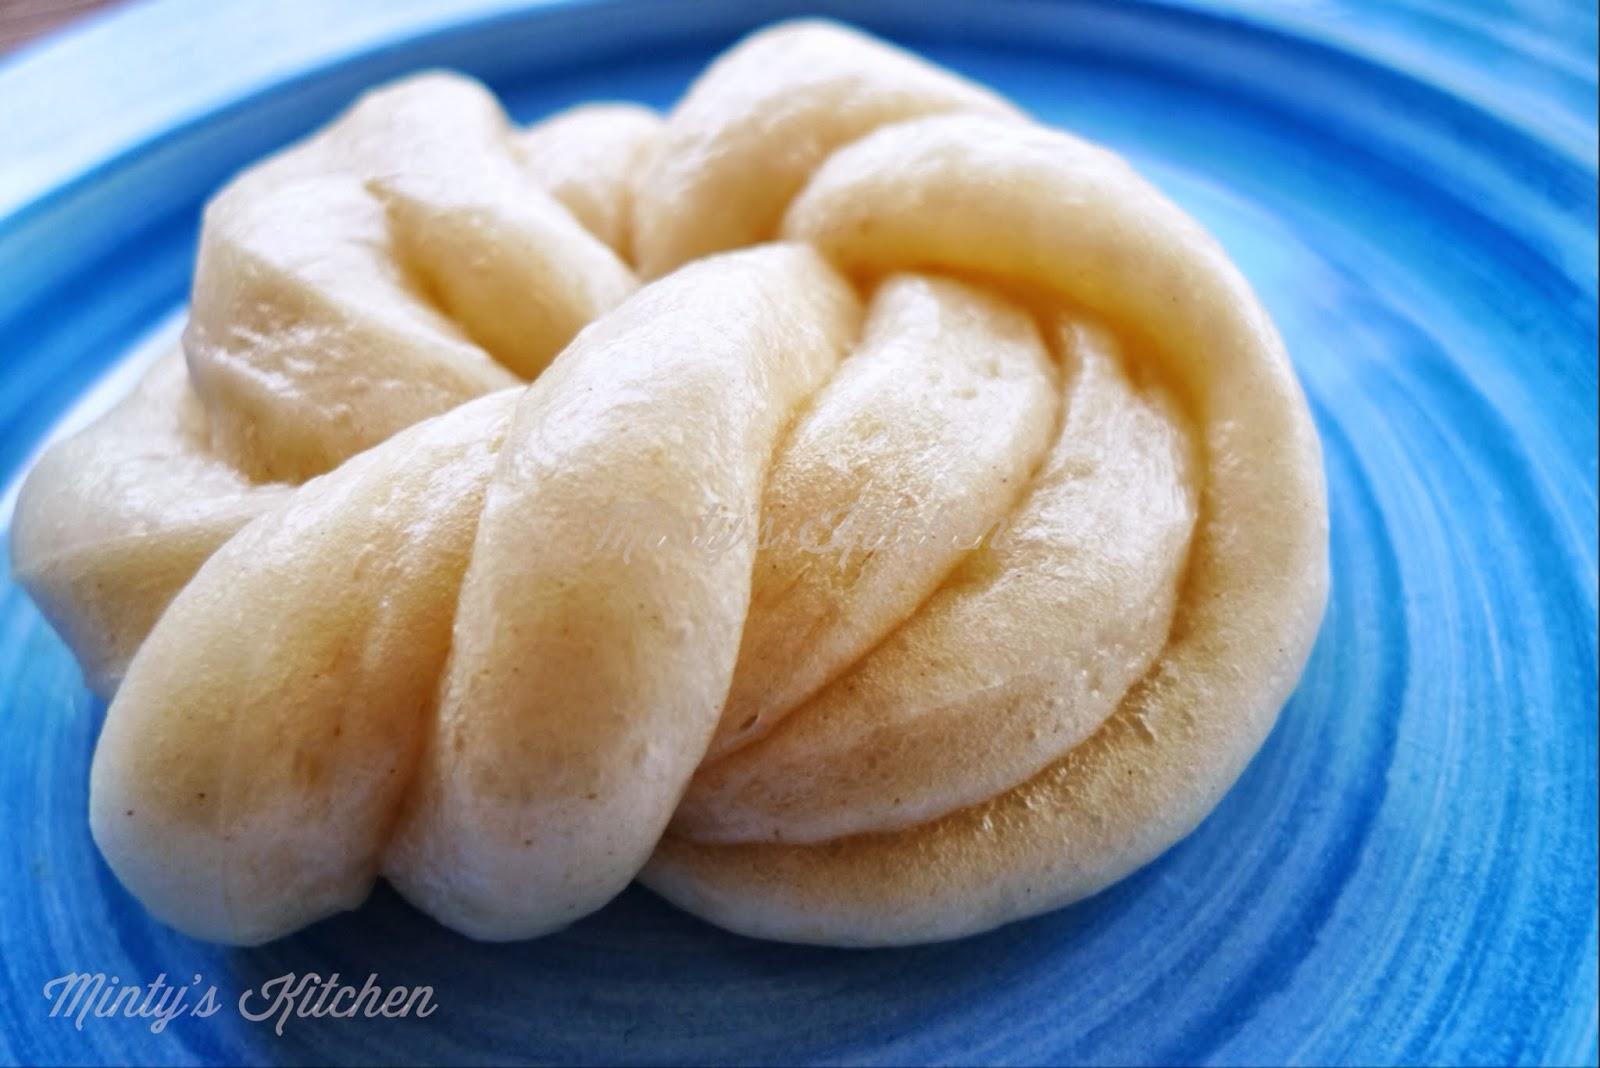 Minty's Kitchen: Fresh Milk Mantou (鮮奶饅頭 )